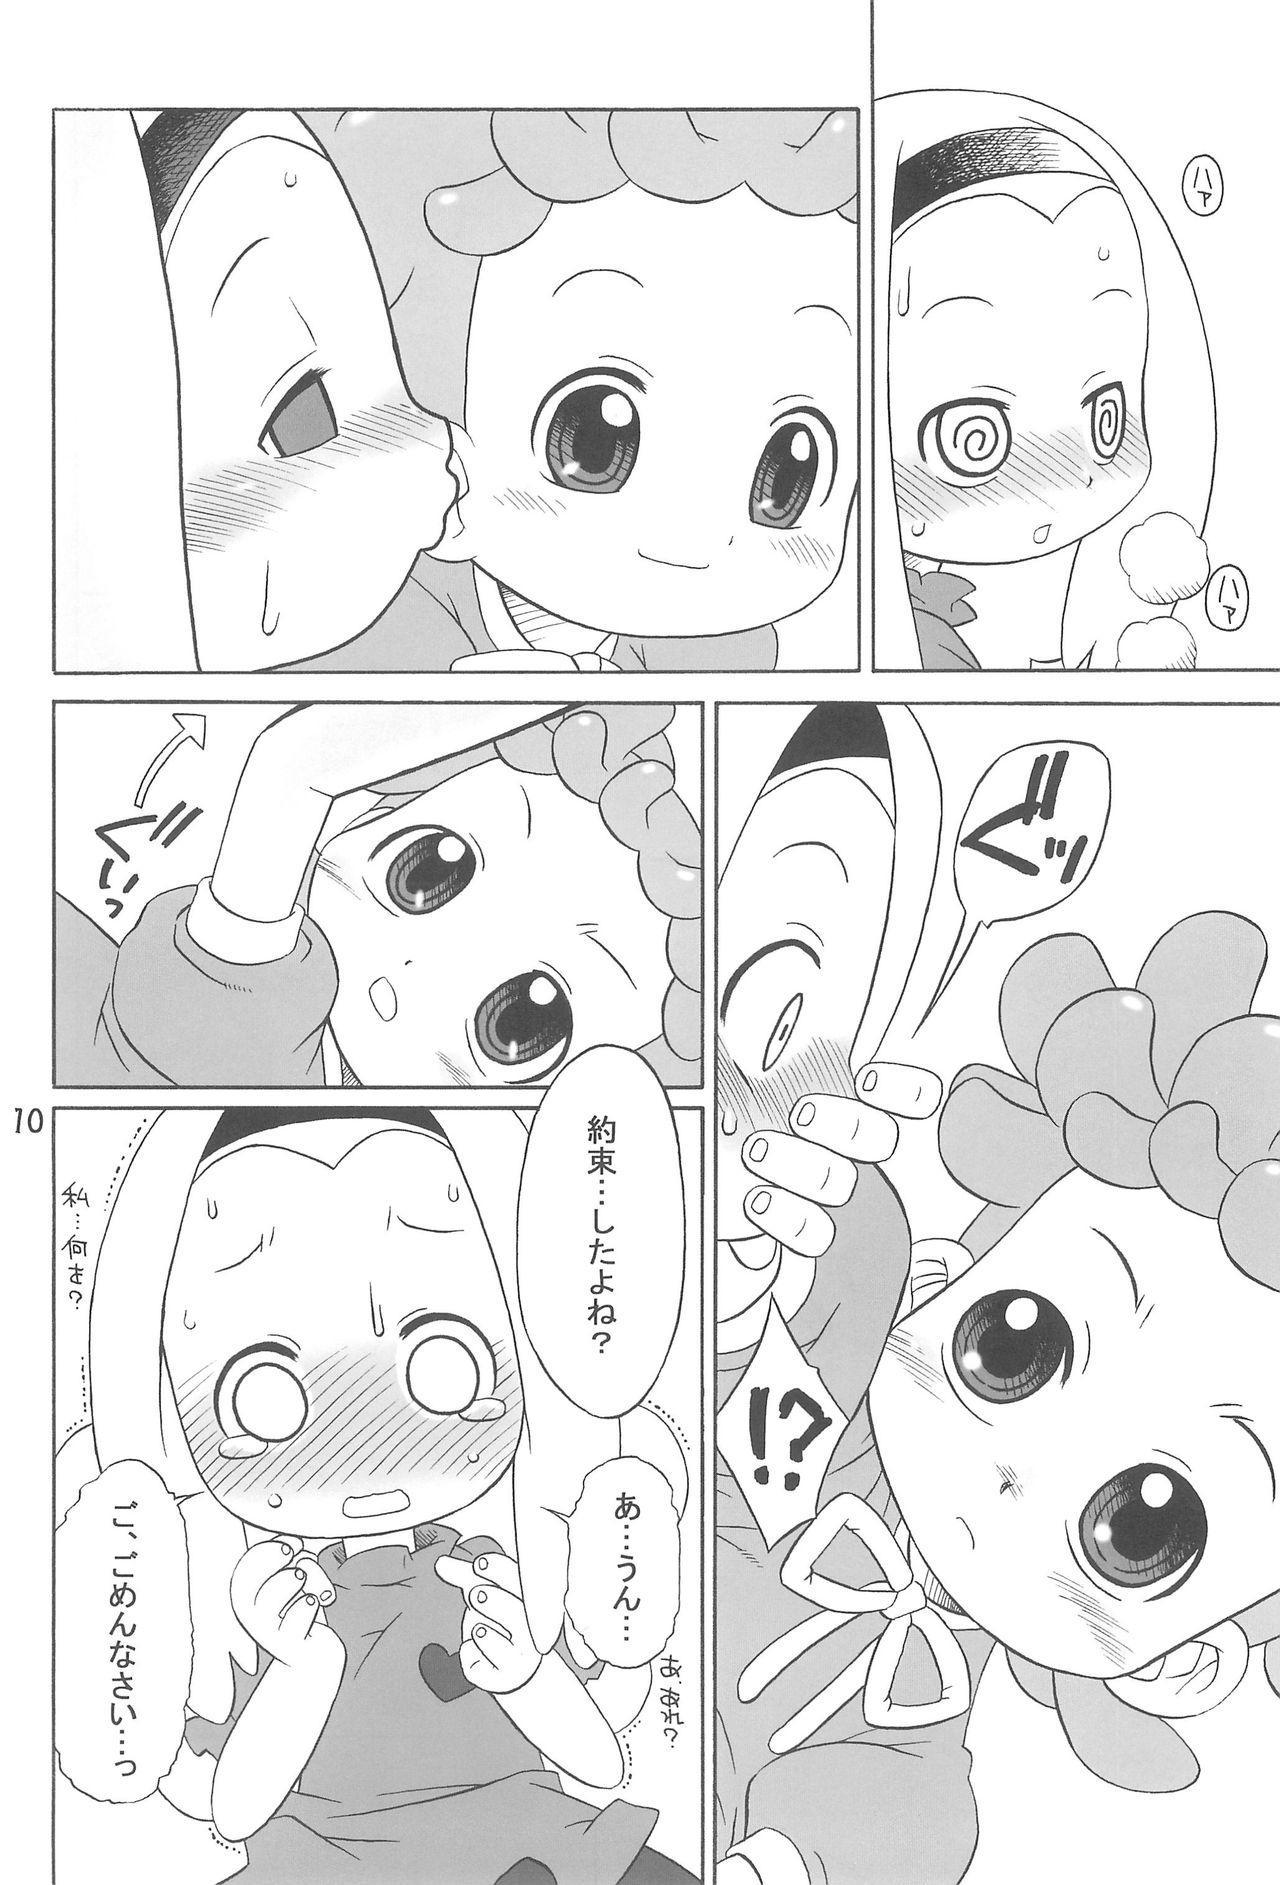 Tayorinai Bokura no Hateshinai Ashita. 9